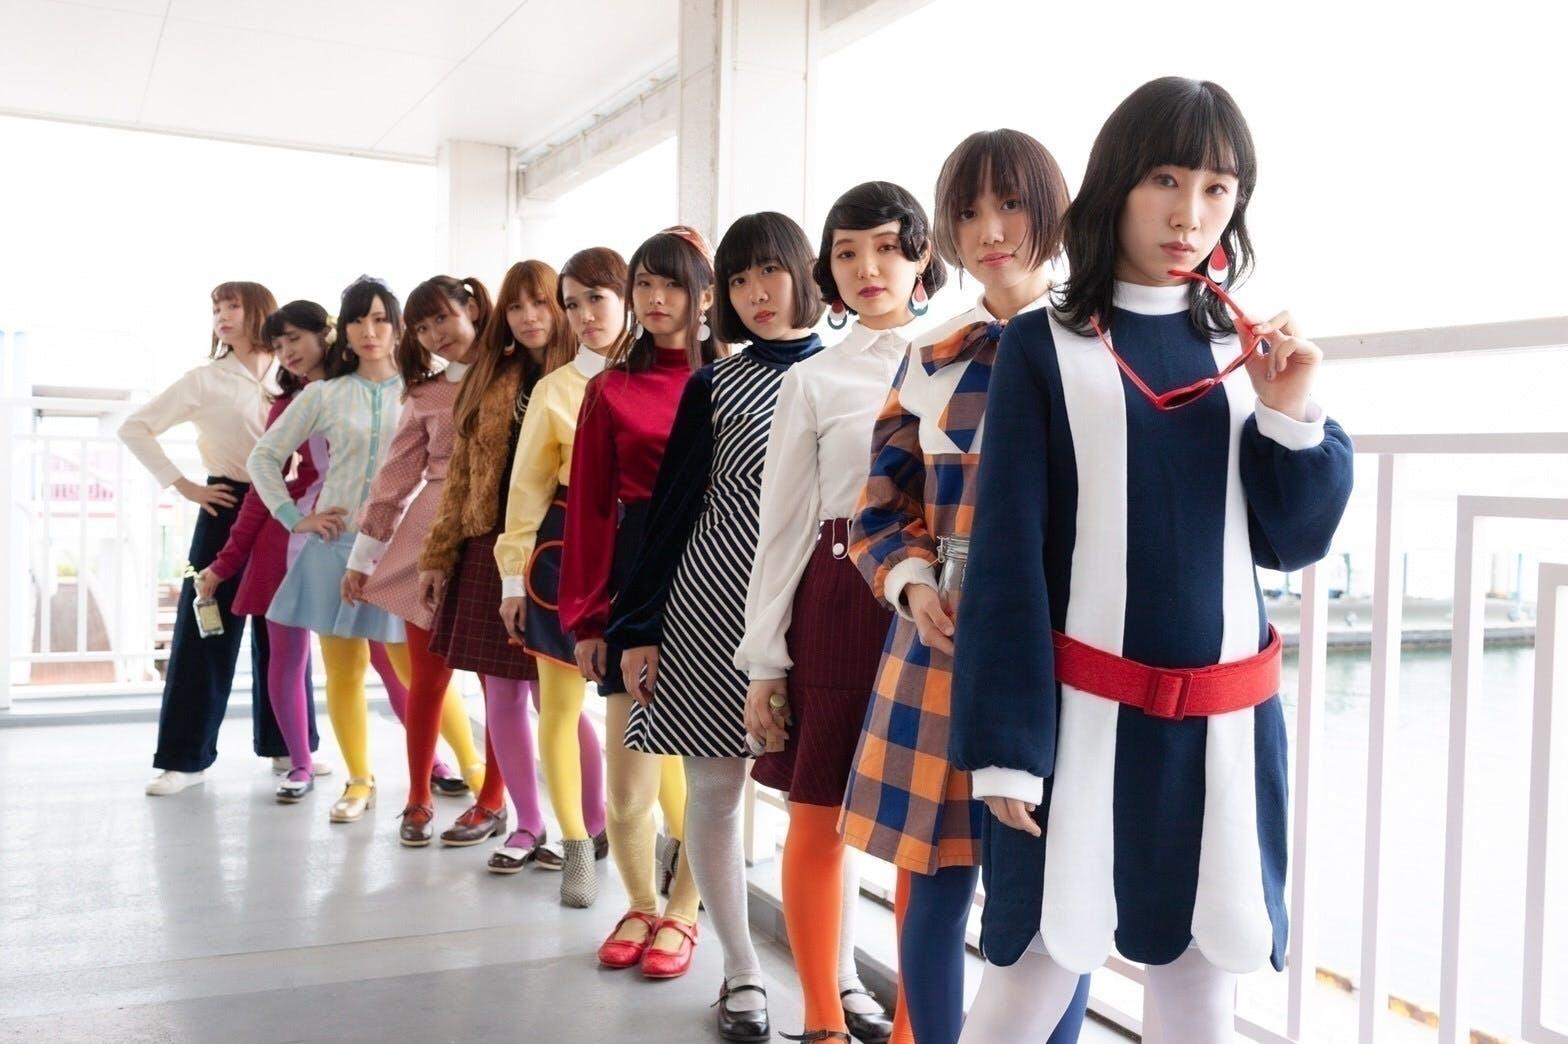 ブランド開始から5年、大きなショーも控えNaughtyスタイルを大きく広めたい。